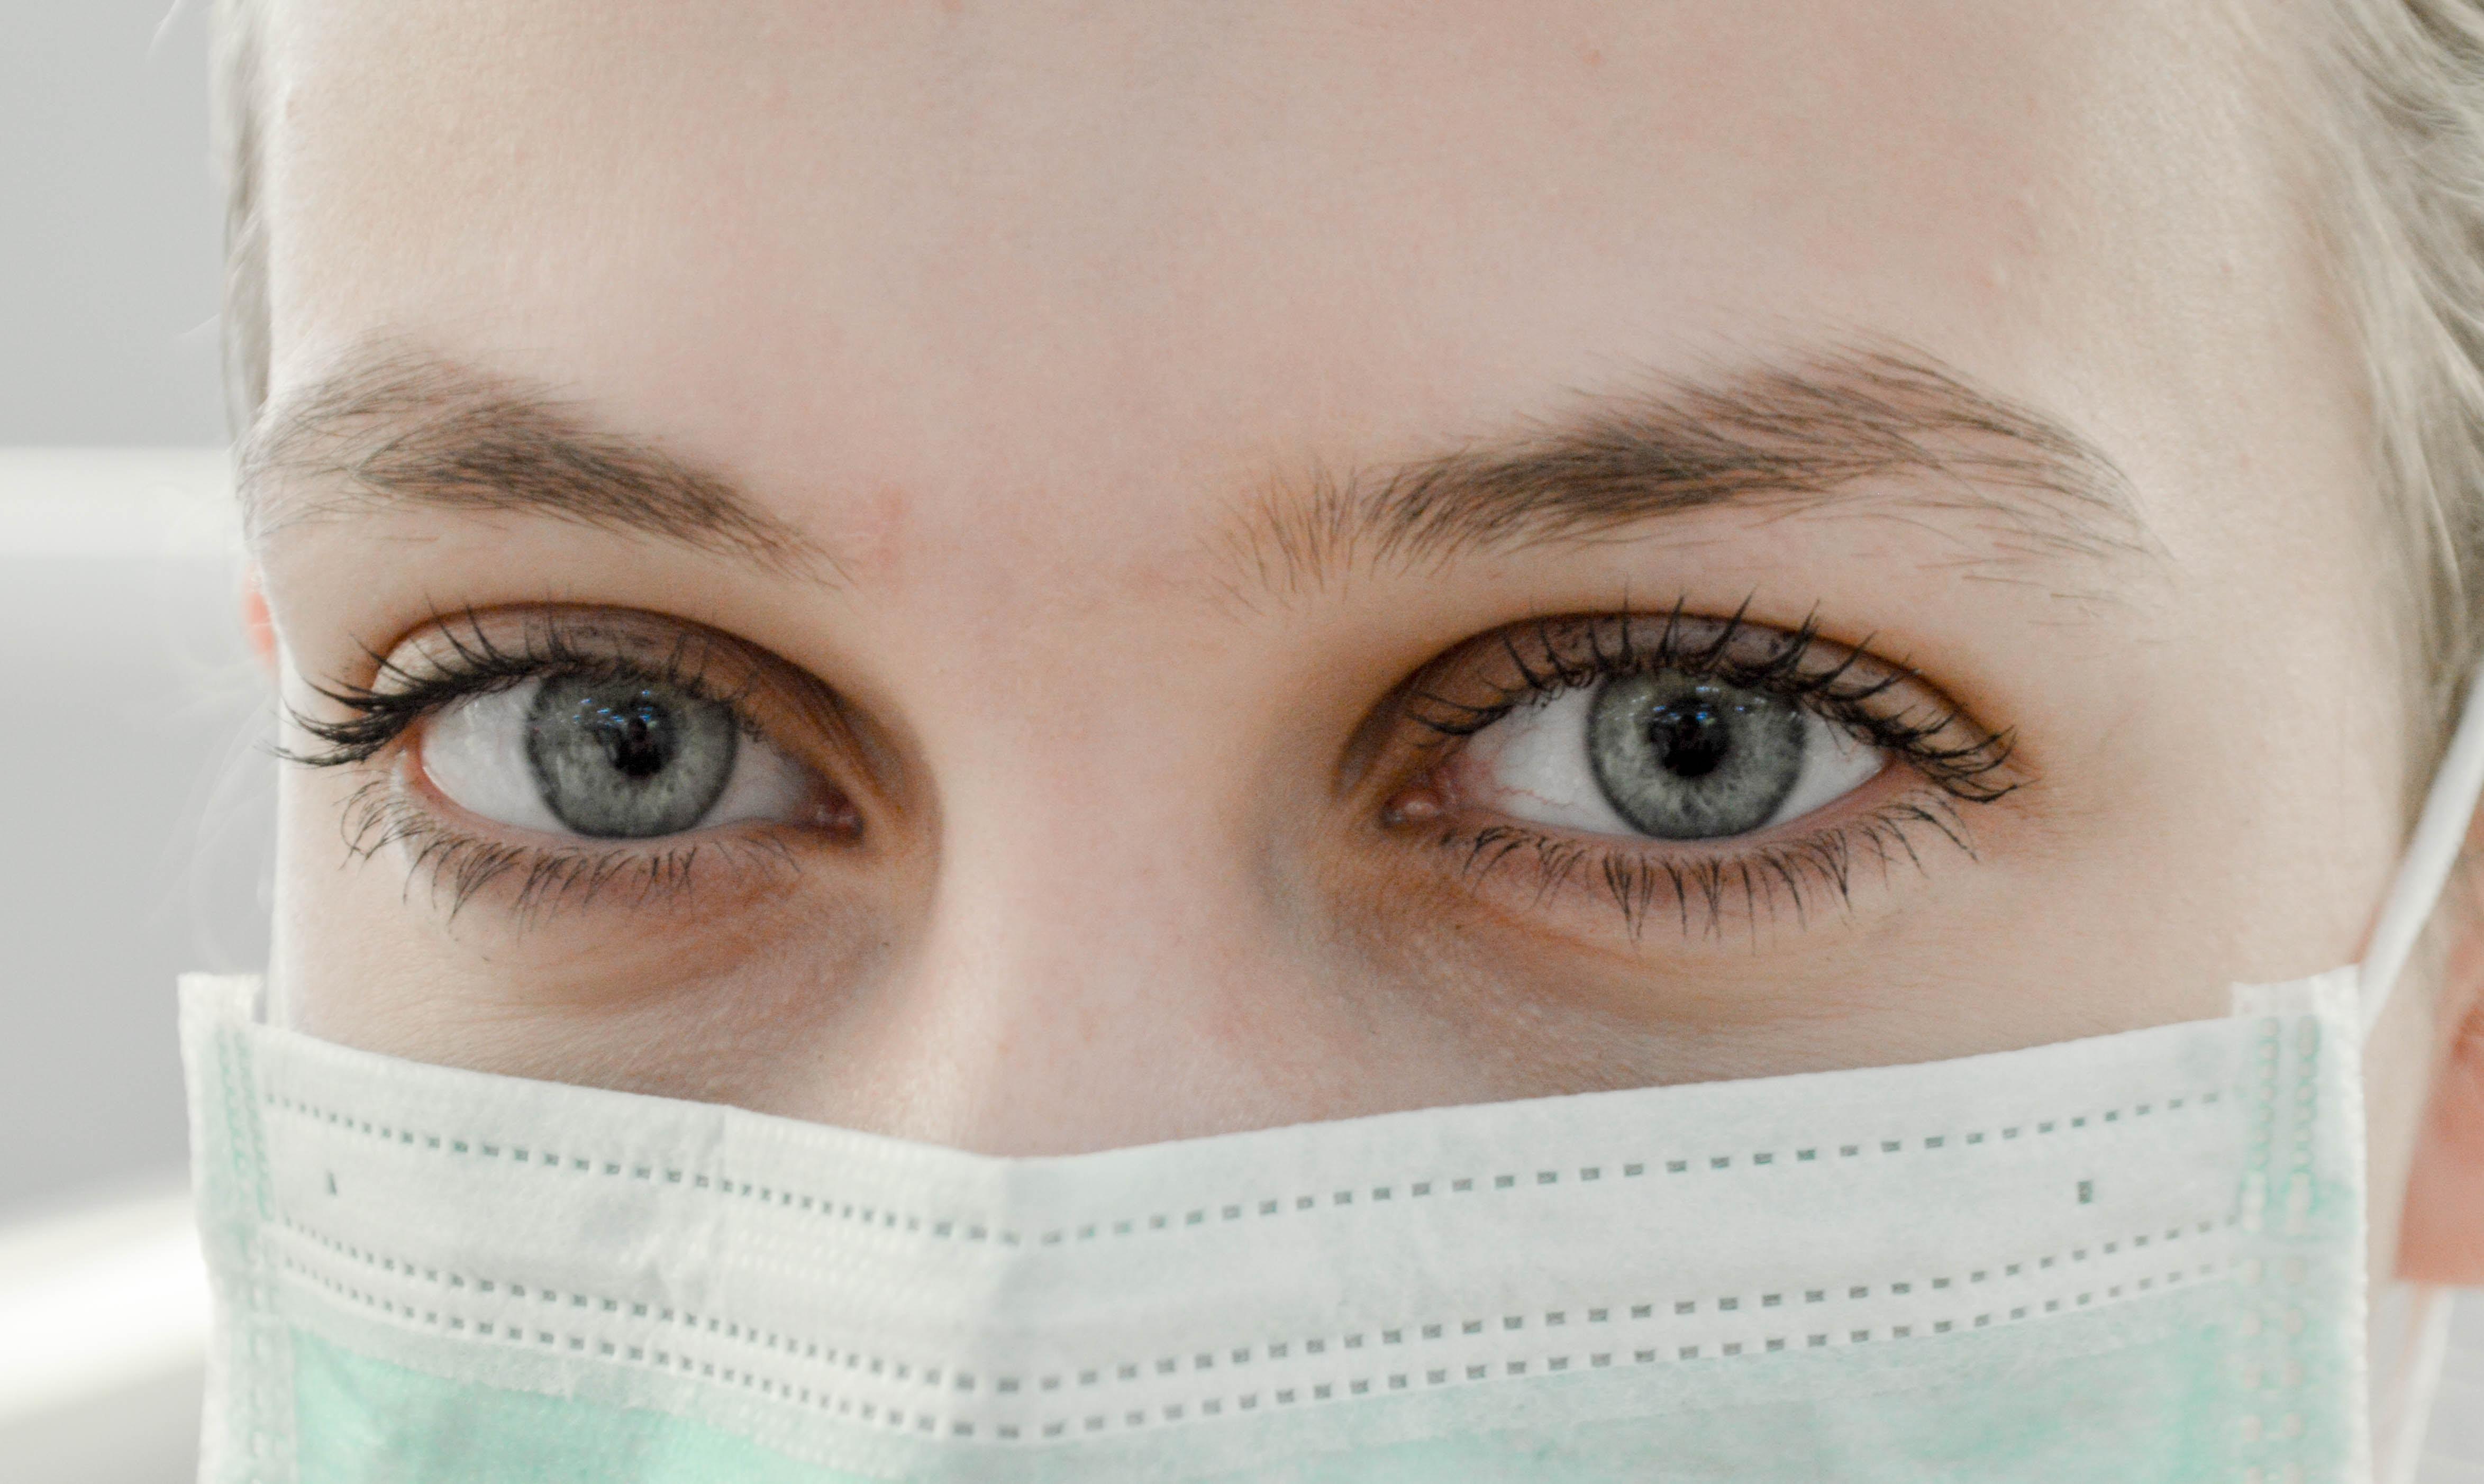 chirurgie esthétique médecine esthétique injection